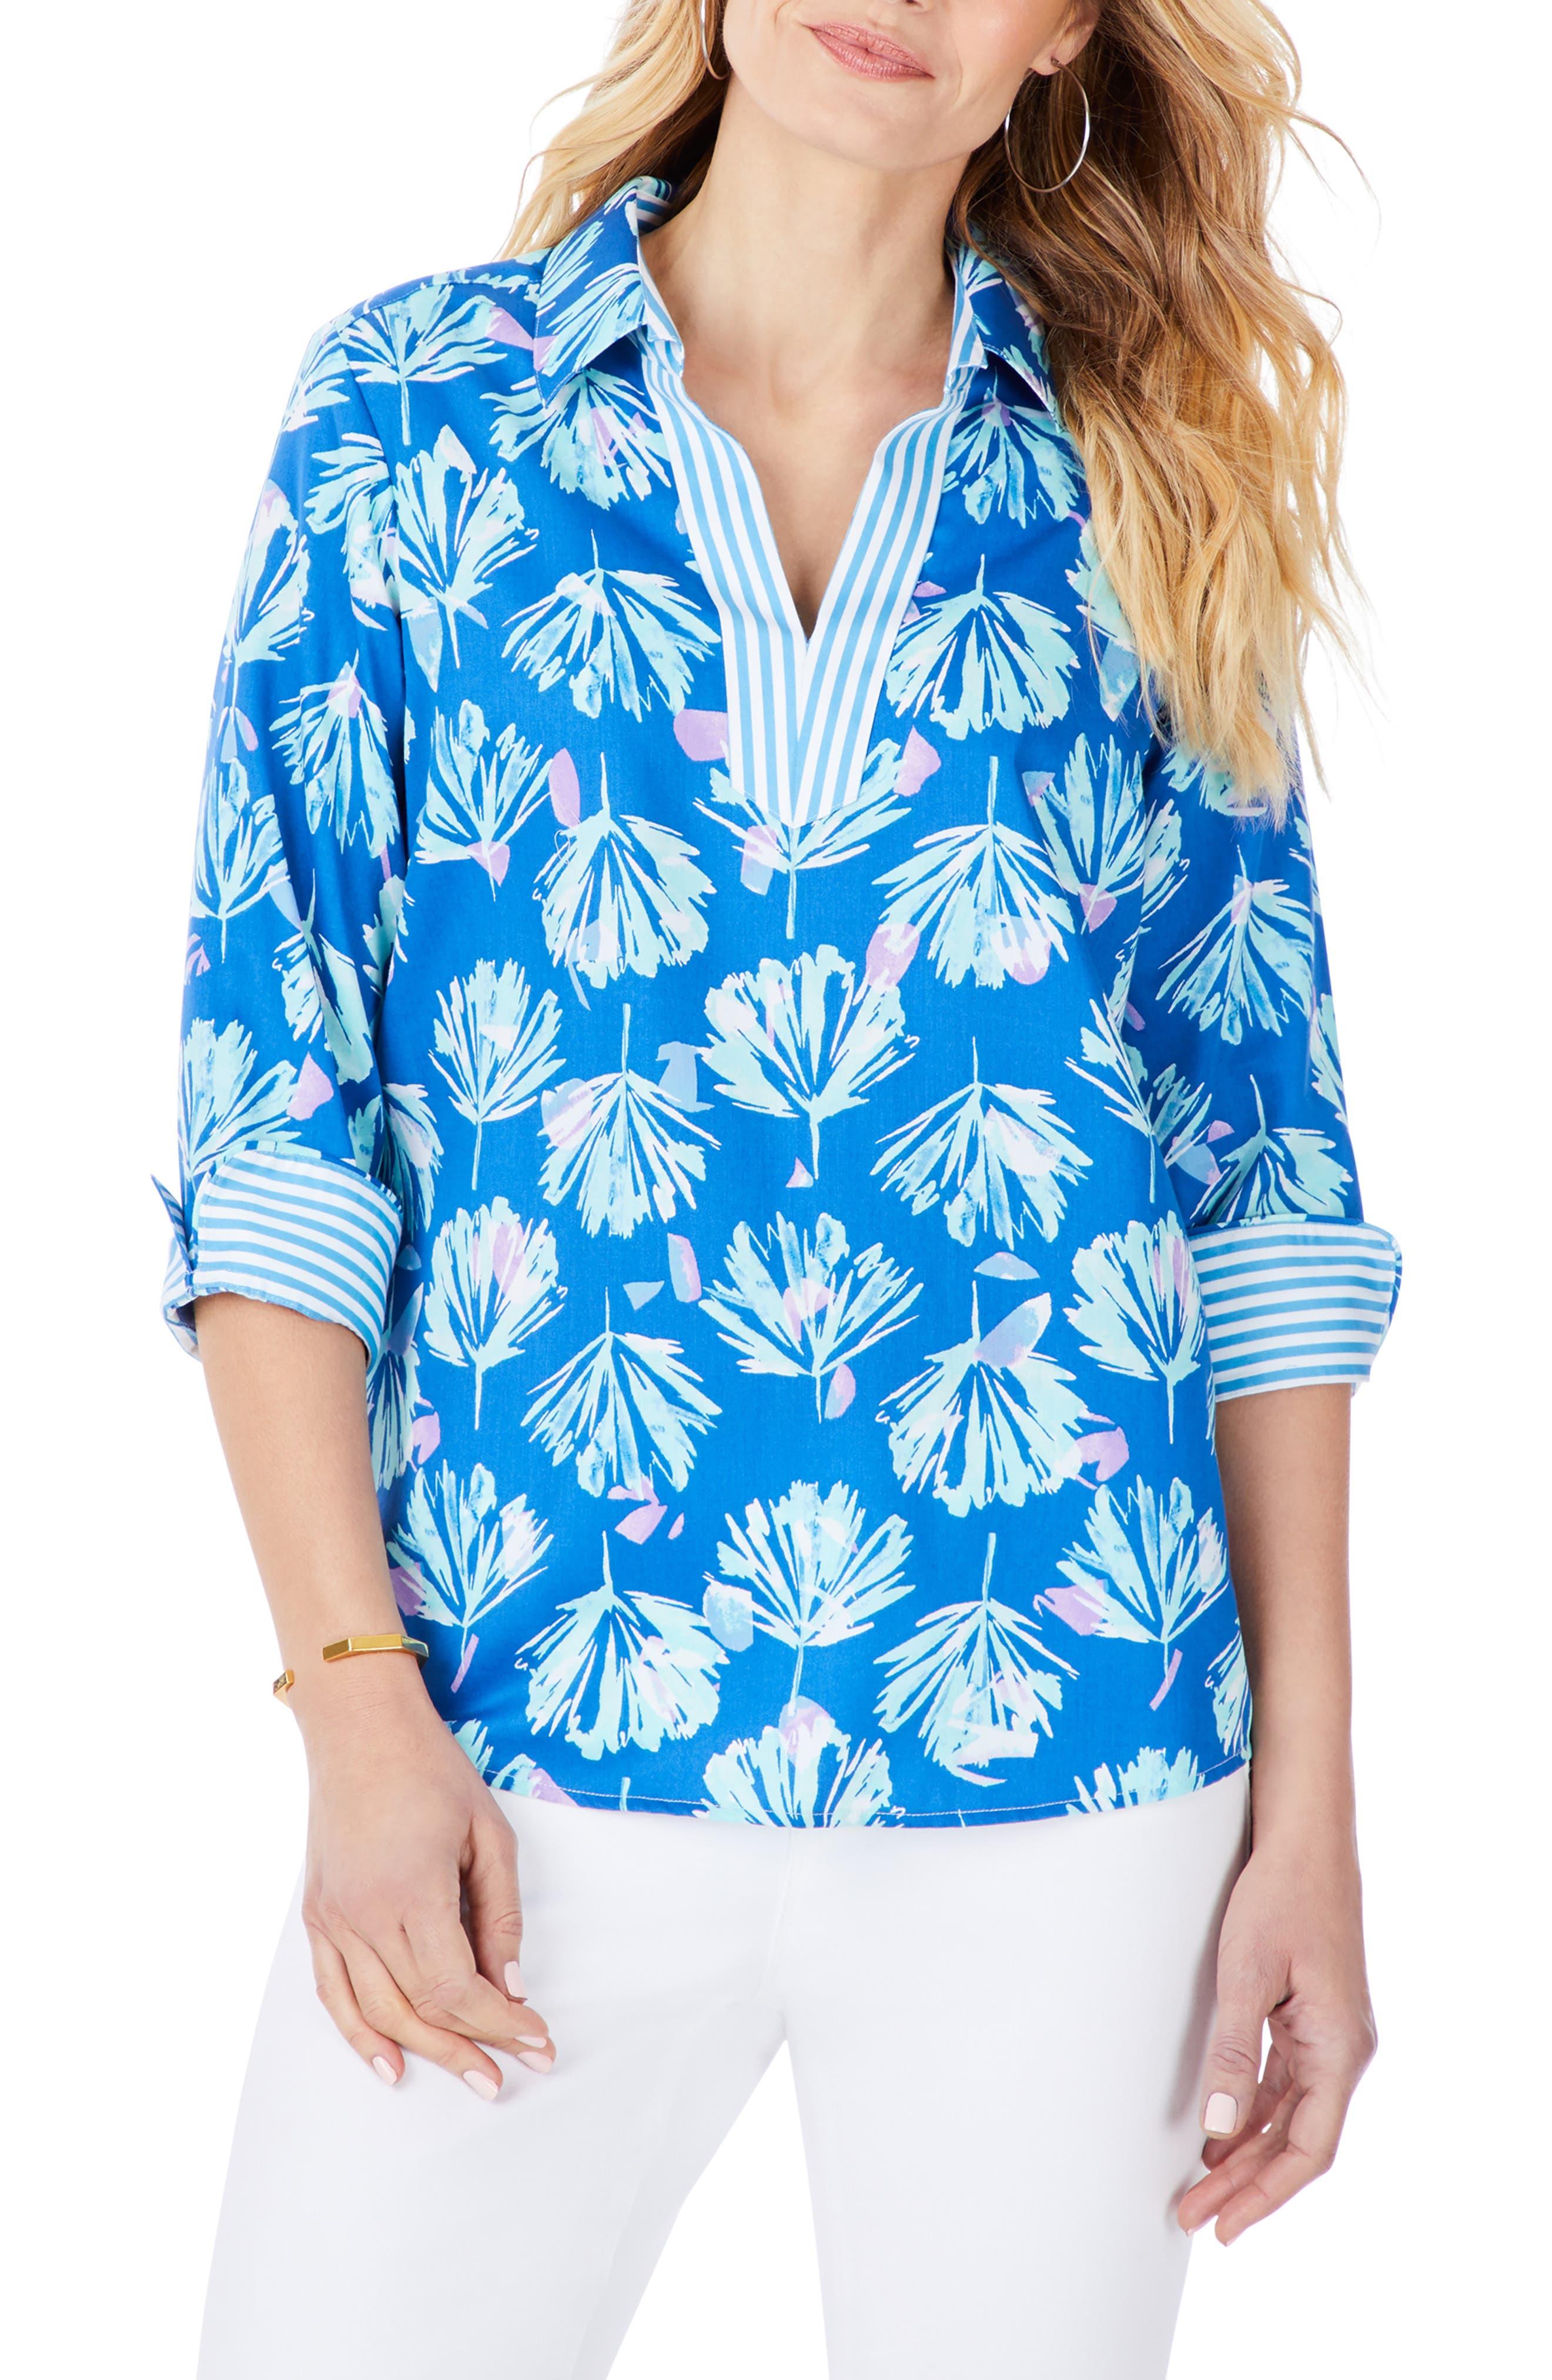 Cora Floral Non-Iron Shirt